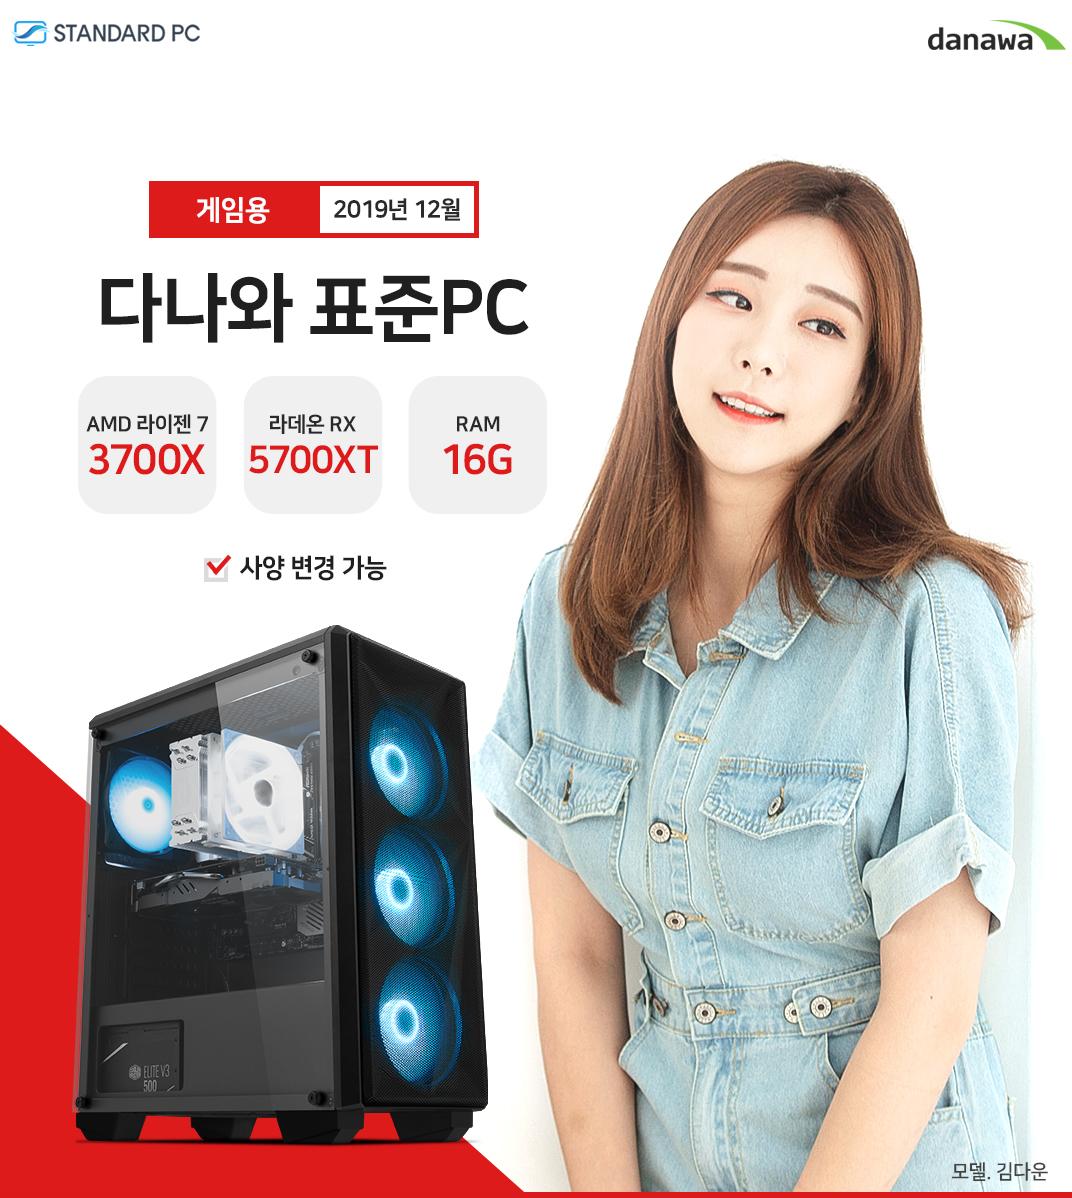 2019년 12월 다나와 표준PC 게이밍용 AMD 라이젠 7 3700X 라데온 RX 5700 XT RAM 16G 모델 김다운